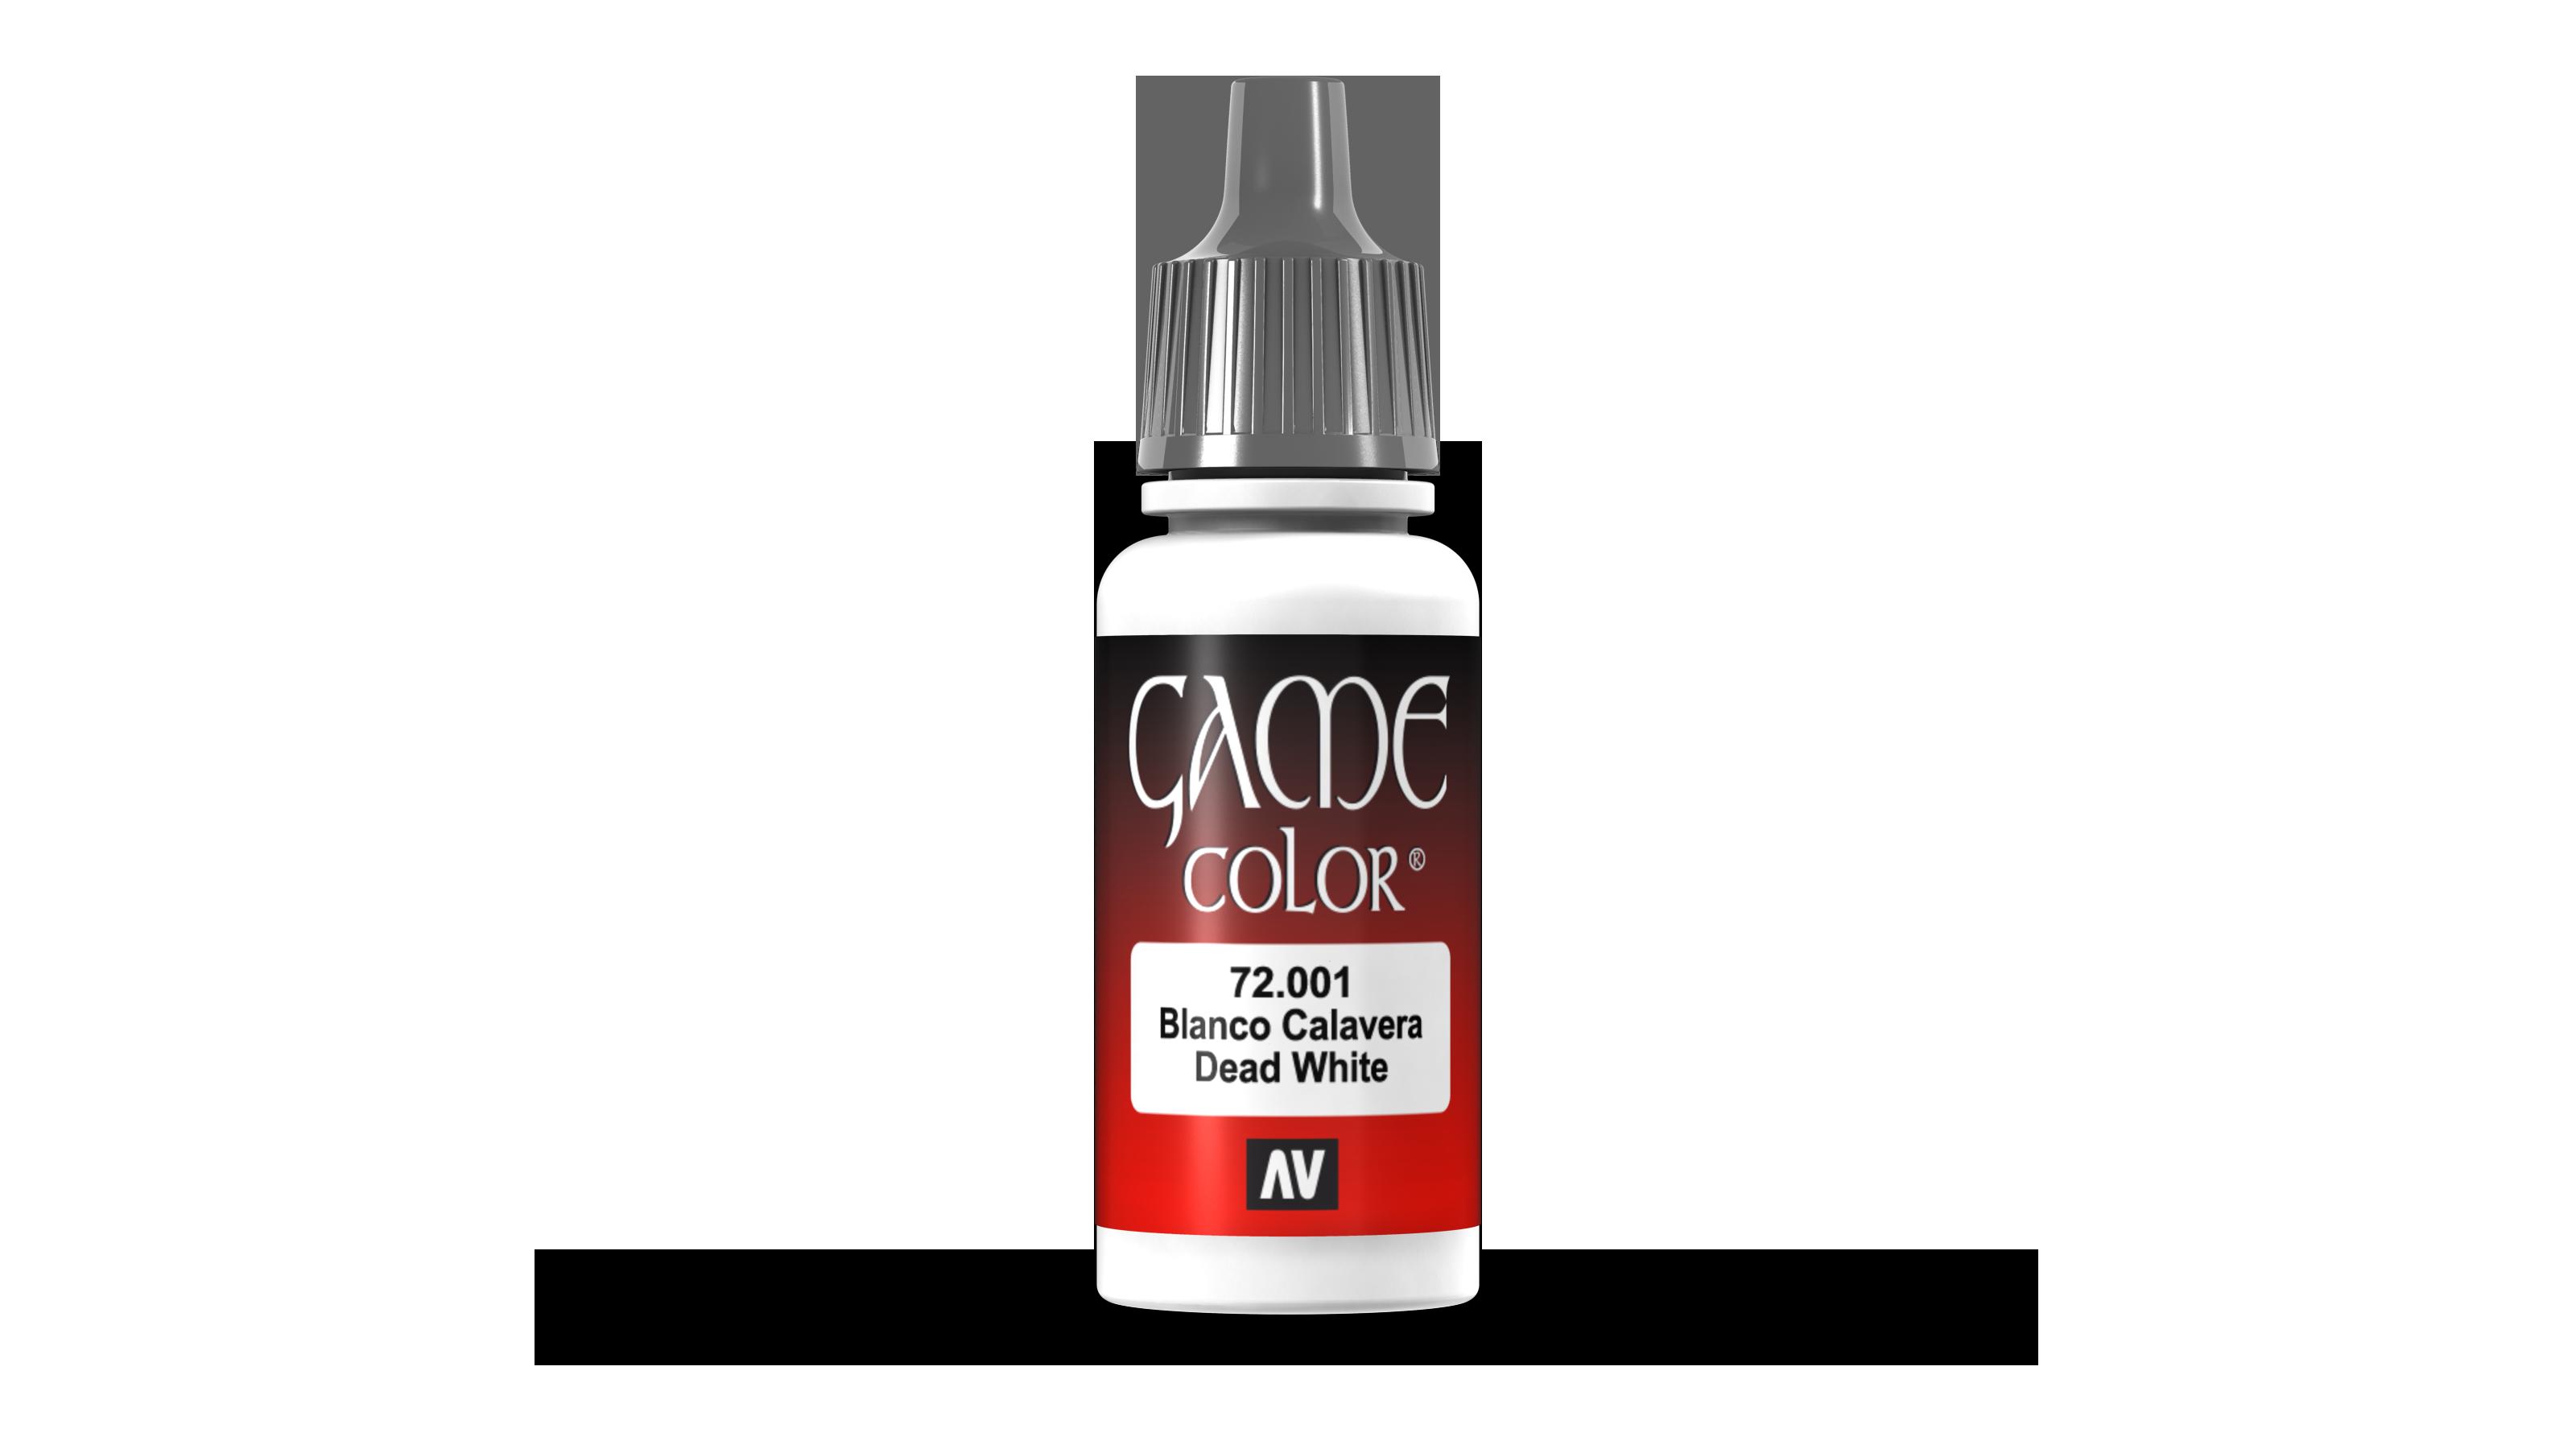 Game color - Dead white